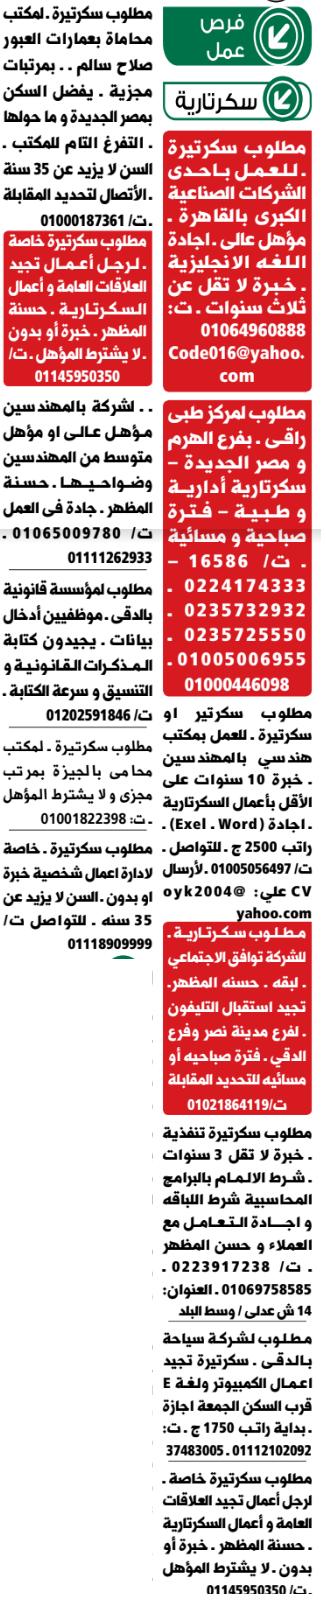 إعلانات وظائف الوسيط الجمعة 14/8/2020 5